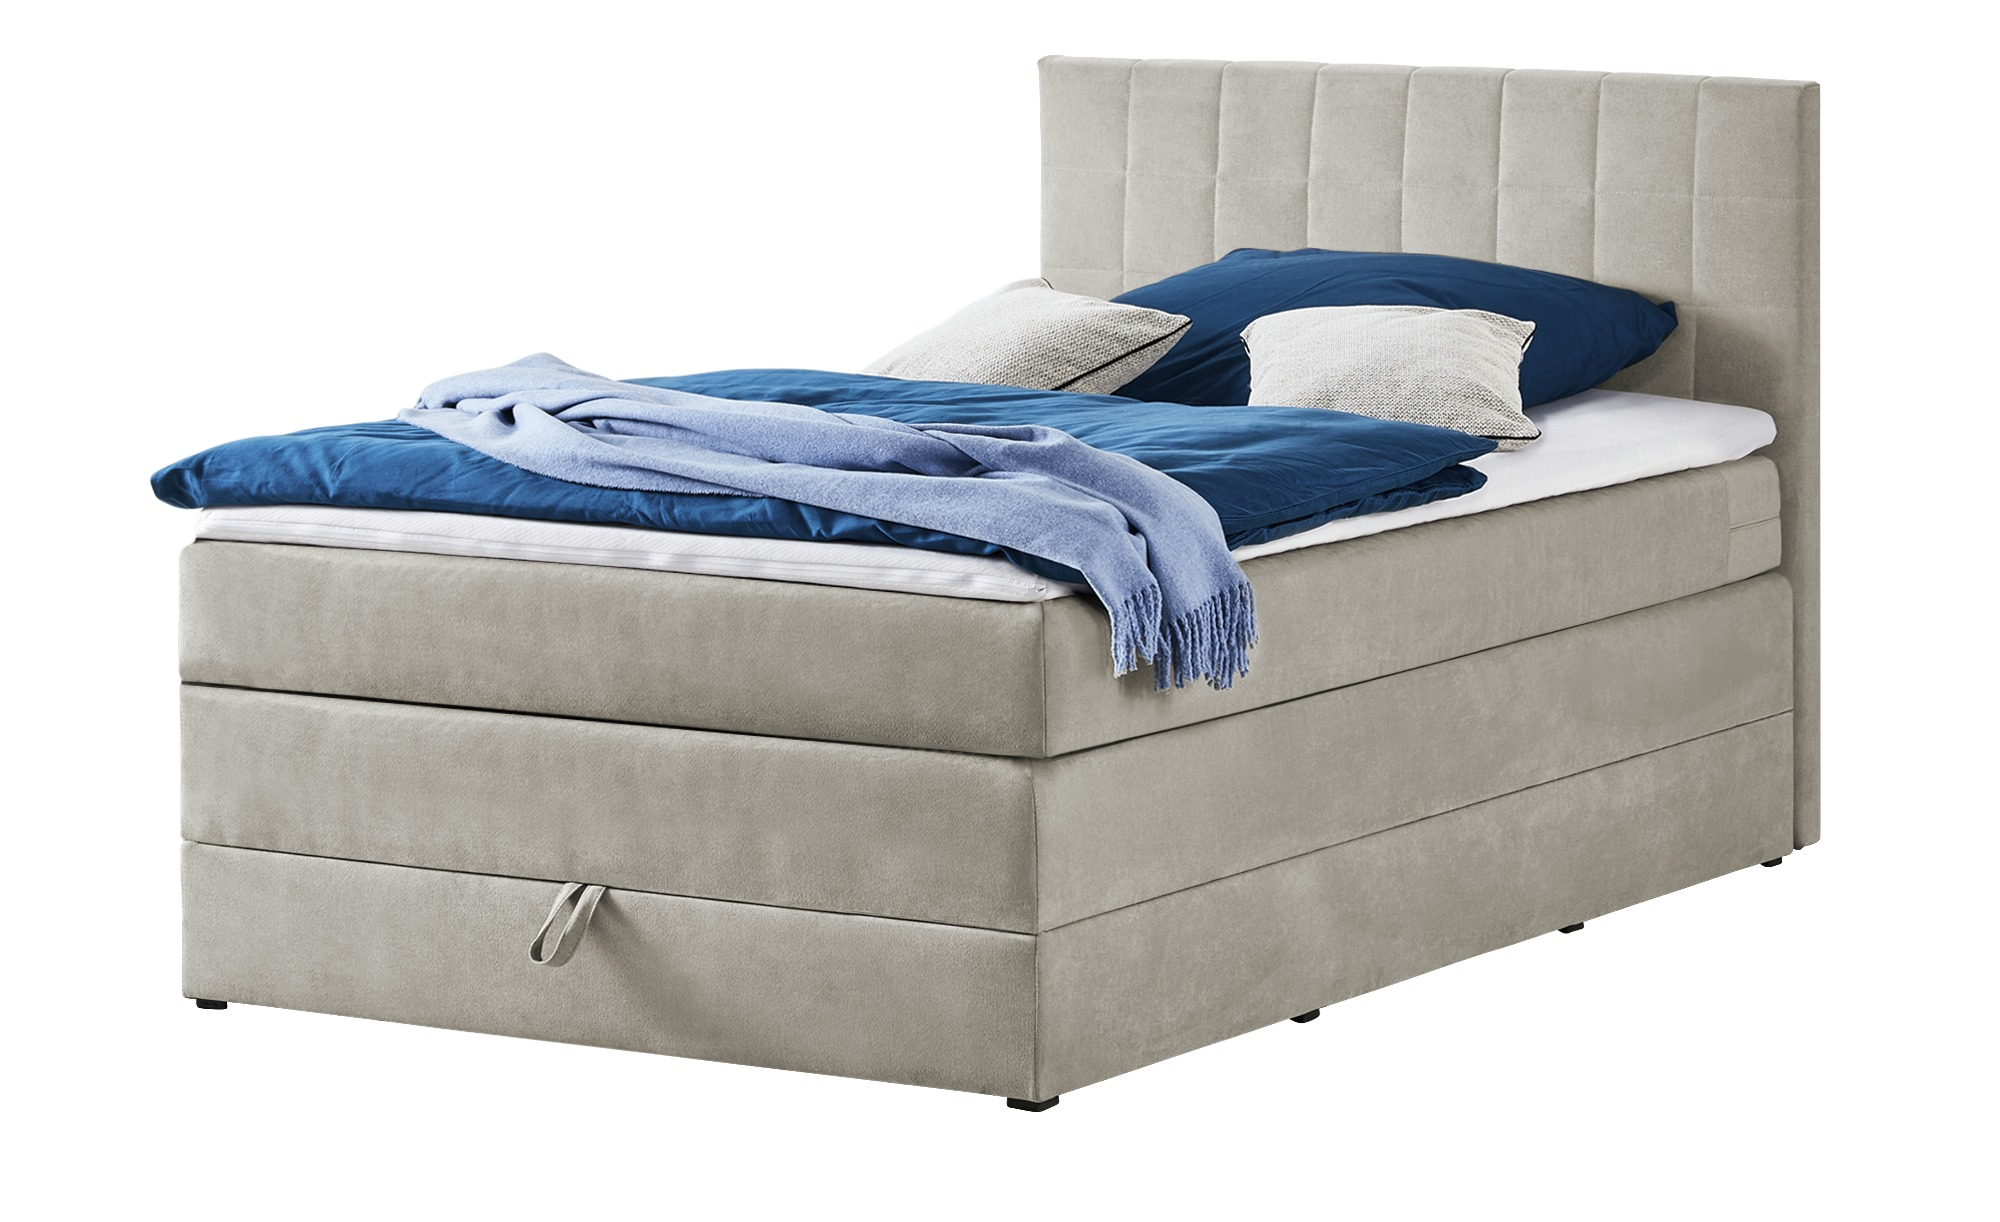 Boxspringbett 120x200 - sand Prince ¦ beige ¦ Maße (cm): B: 121 H: 107 T: 209 Betten > Einzelbetten - Höffner